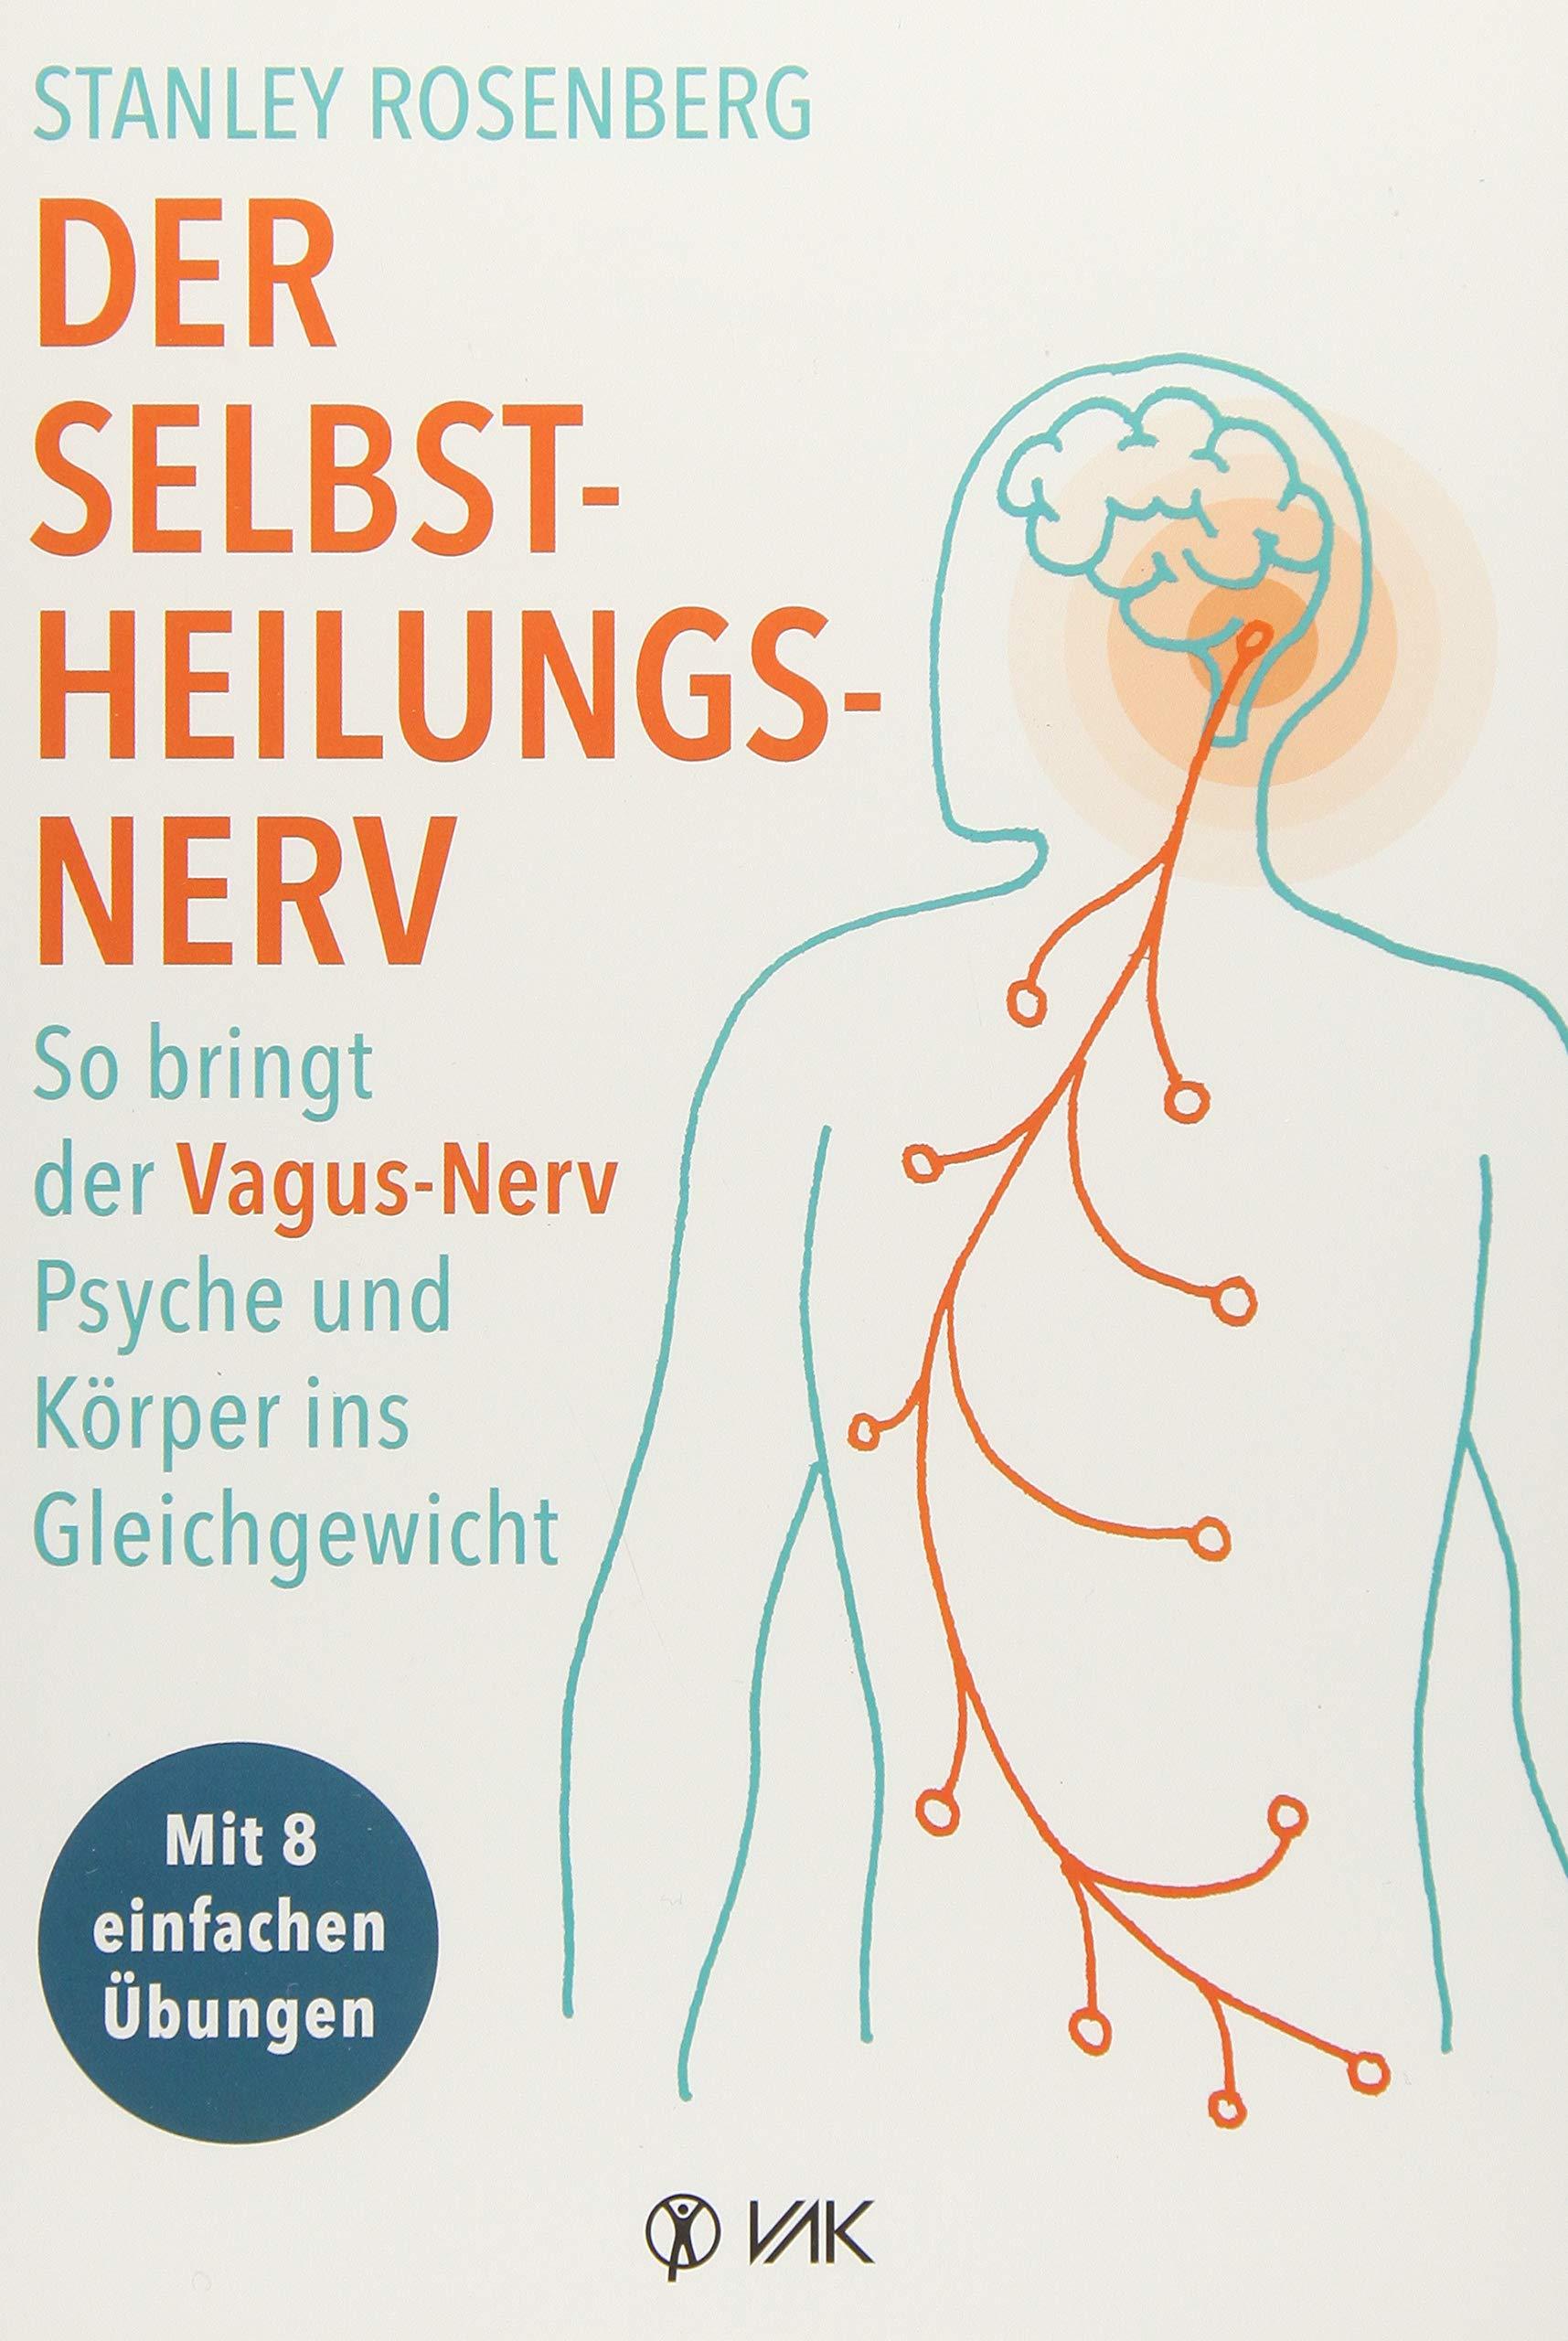 Der Selbstheilungsnerv: So bringt der Vagus-Nerv Psyche und Körper ins Gleichgewicht – Mit 8 einfachen Übungen. Hilft bei Migräne, Verdauungsbeschwerden, Tinnitus, Ängsten und Depressionen.